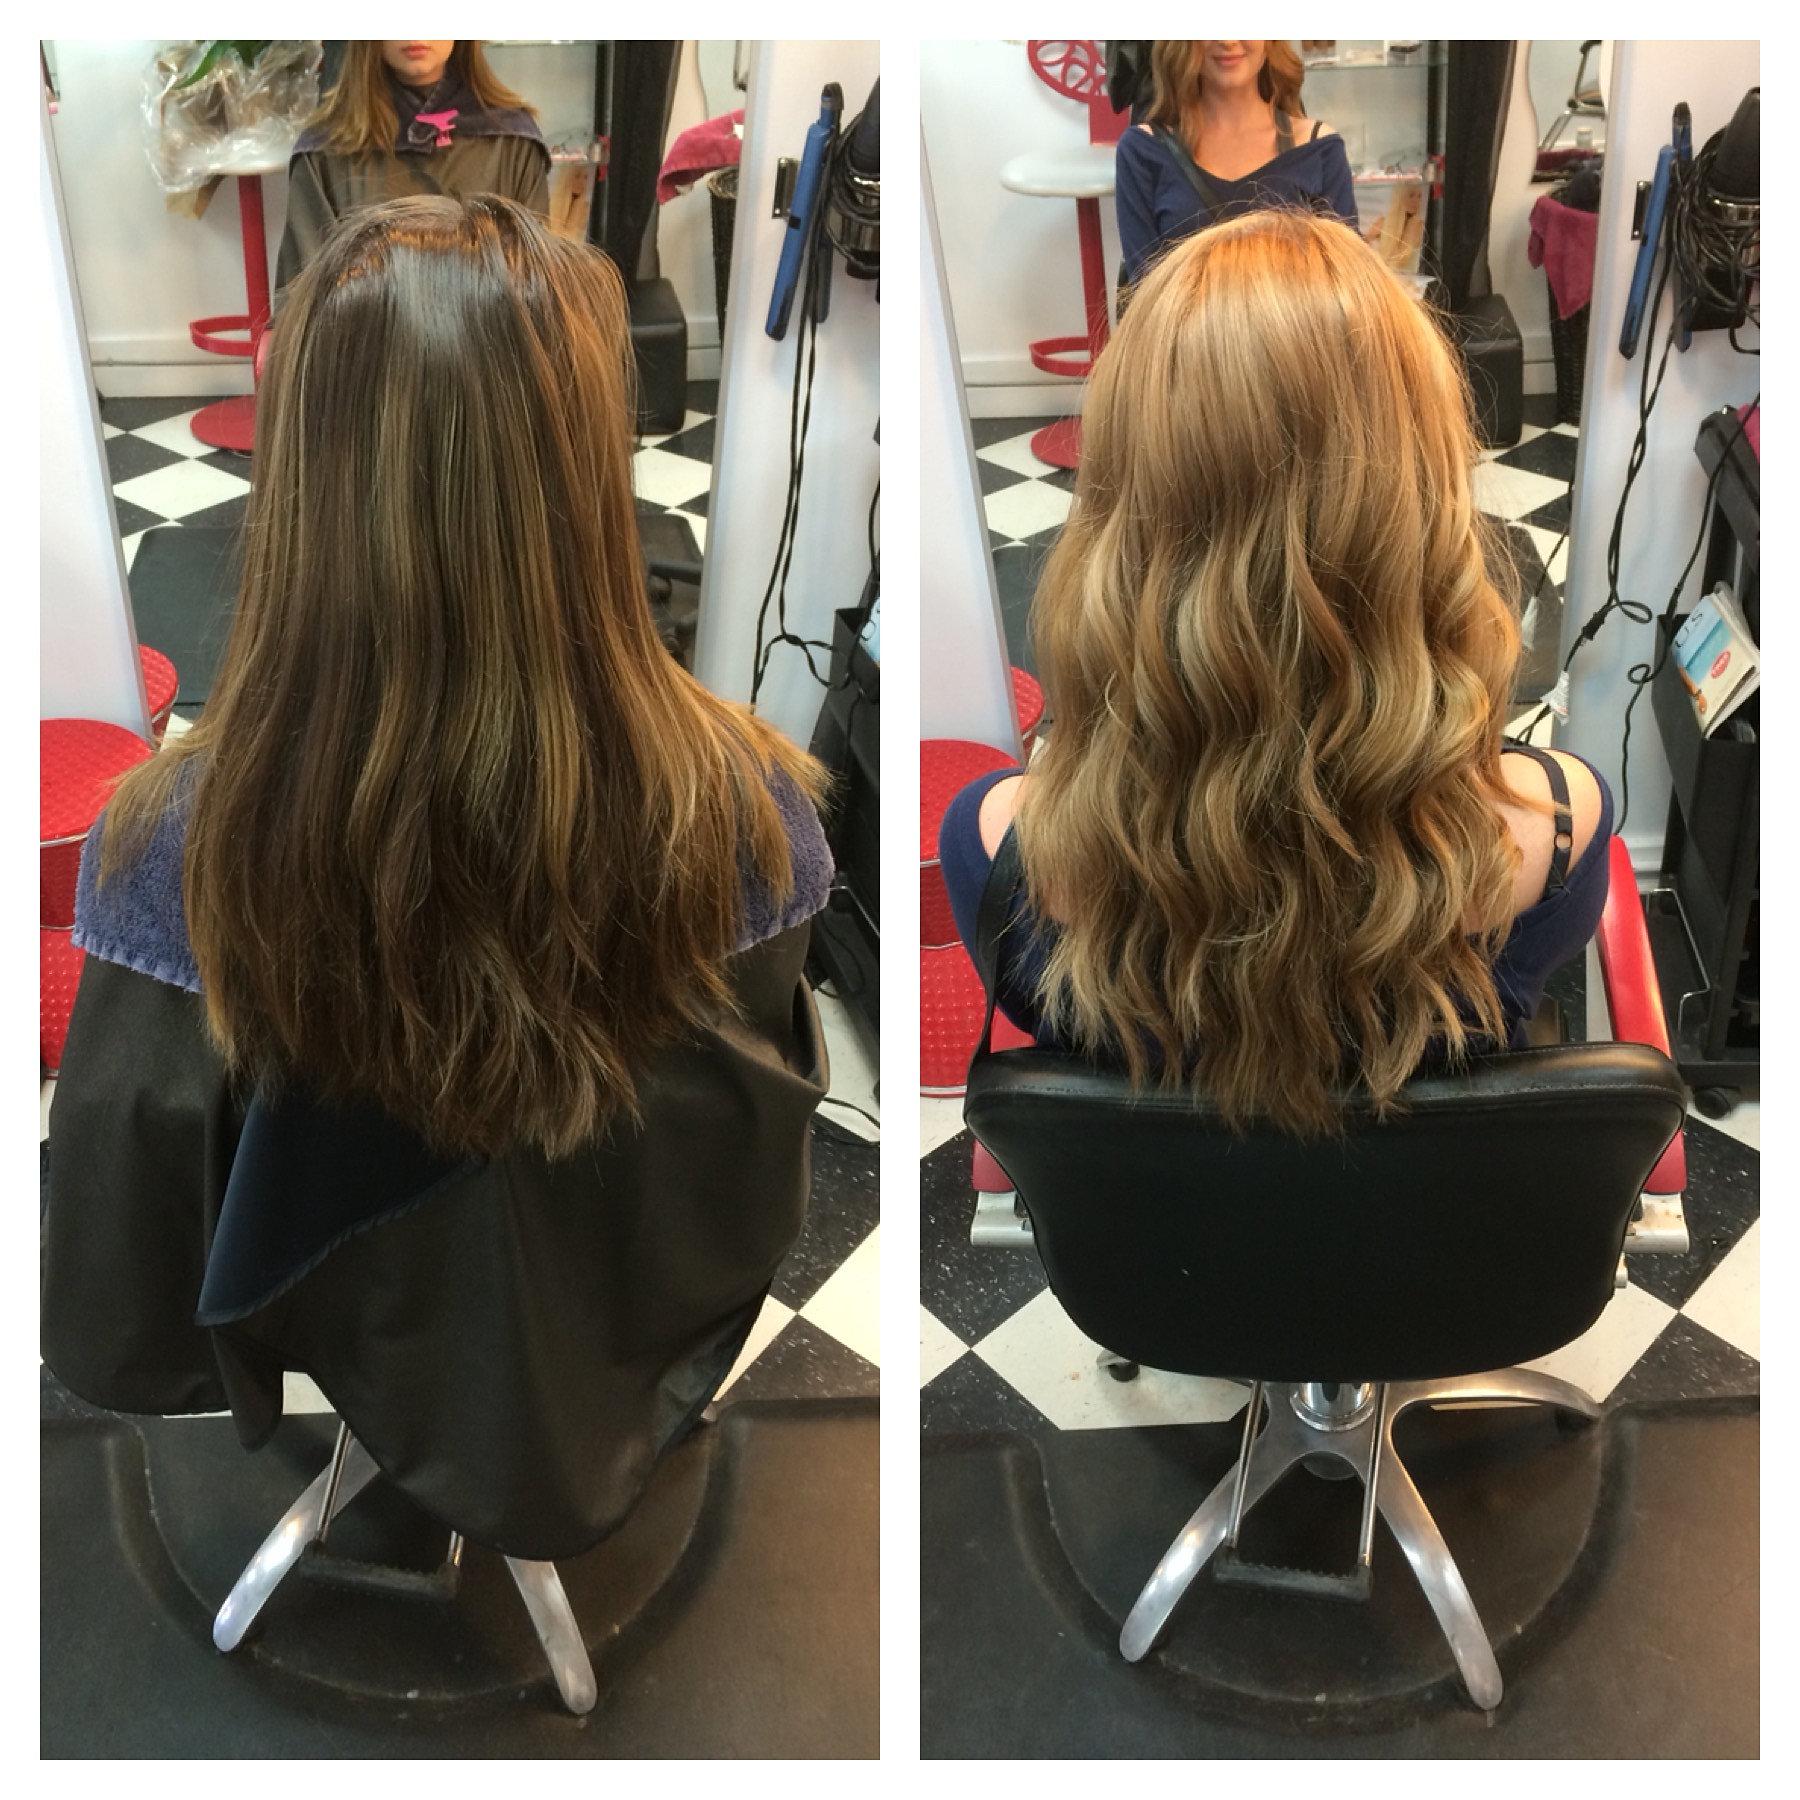 Beaulook Hair  Body Studio  Hair Salon  Hair Coloring Beau - The look hair salon